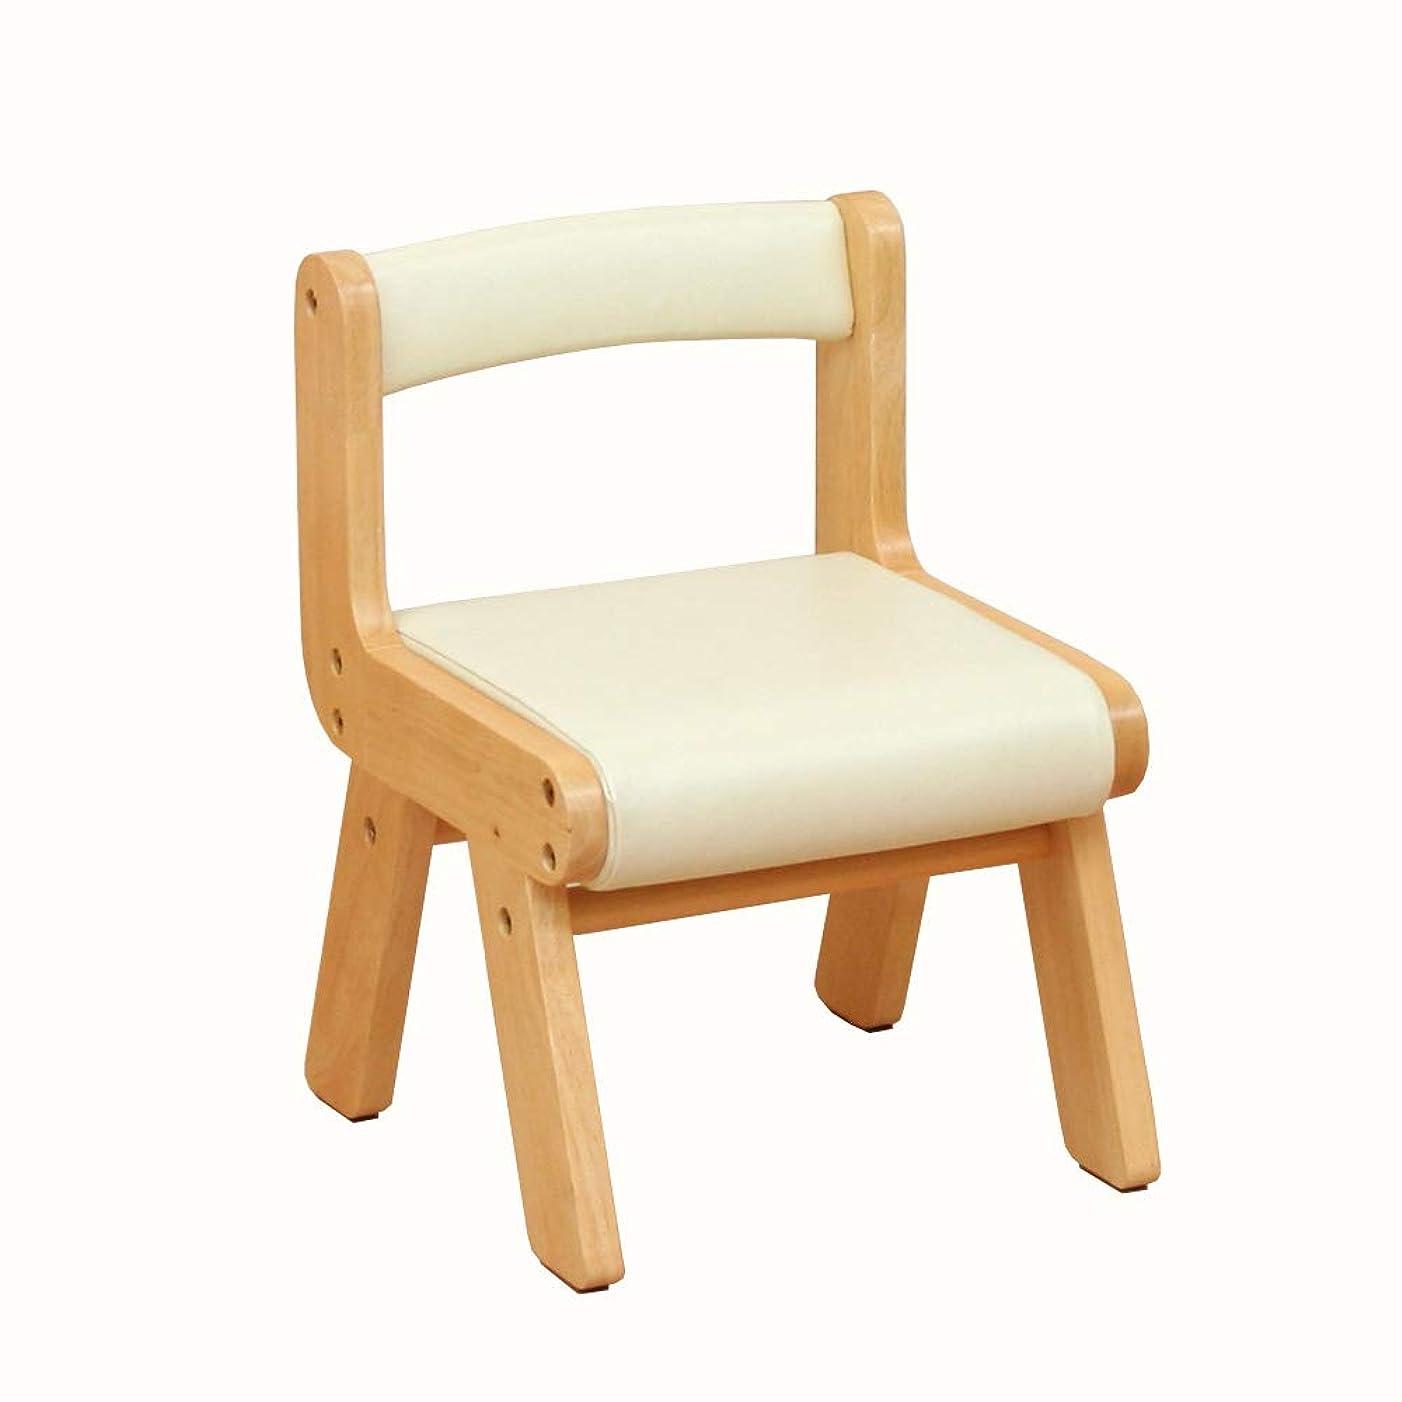 おいしい生産的社会主義者アイリスプラザ キッズ用チェア ブルー 学習椅子 学童チェア 82689